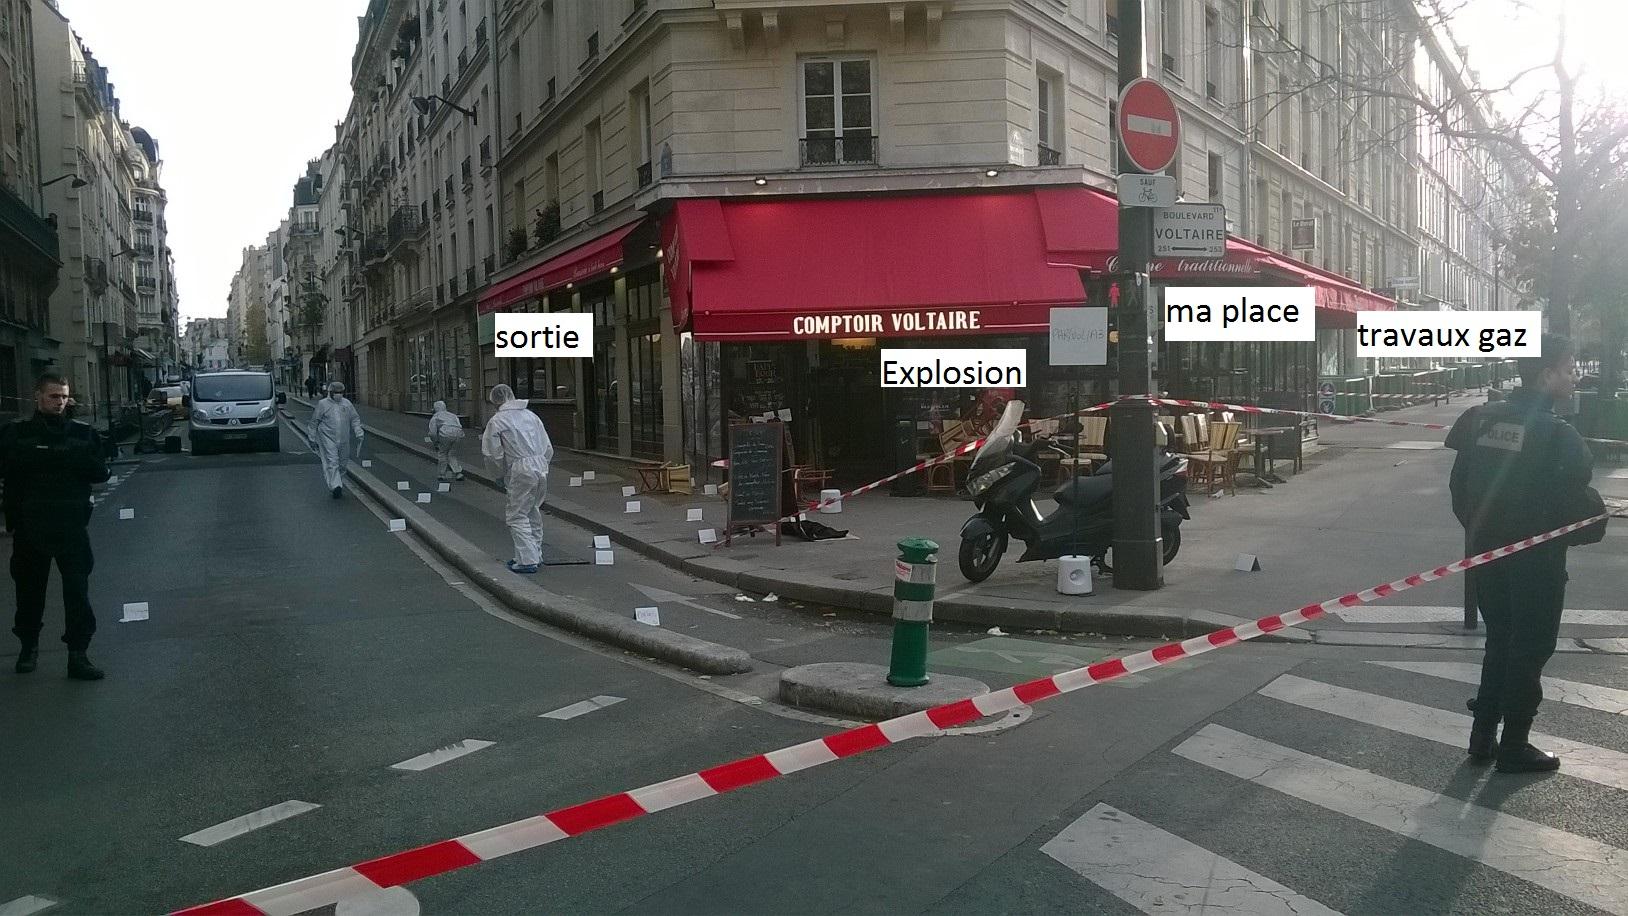 attentat 13 novembre paris boulevard voltaire